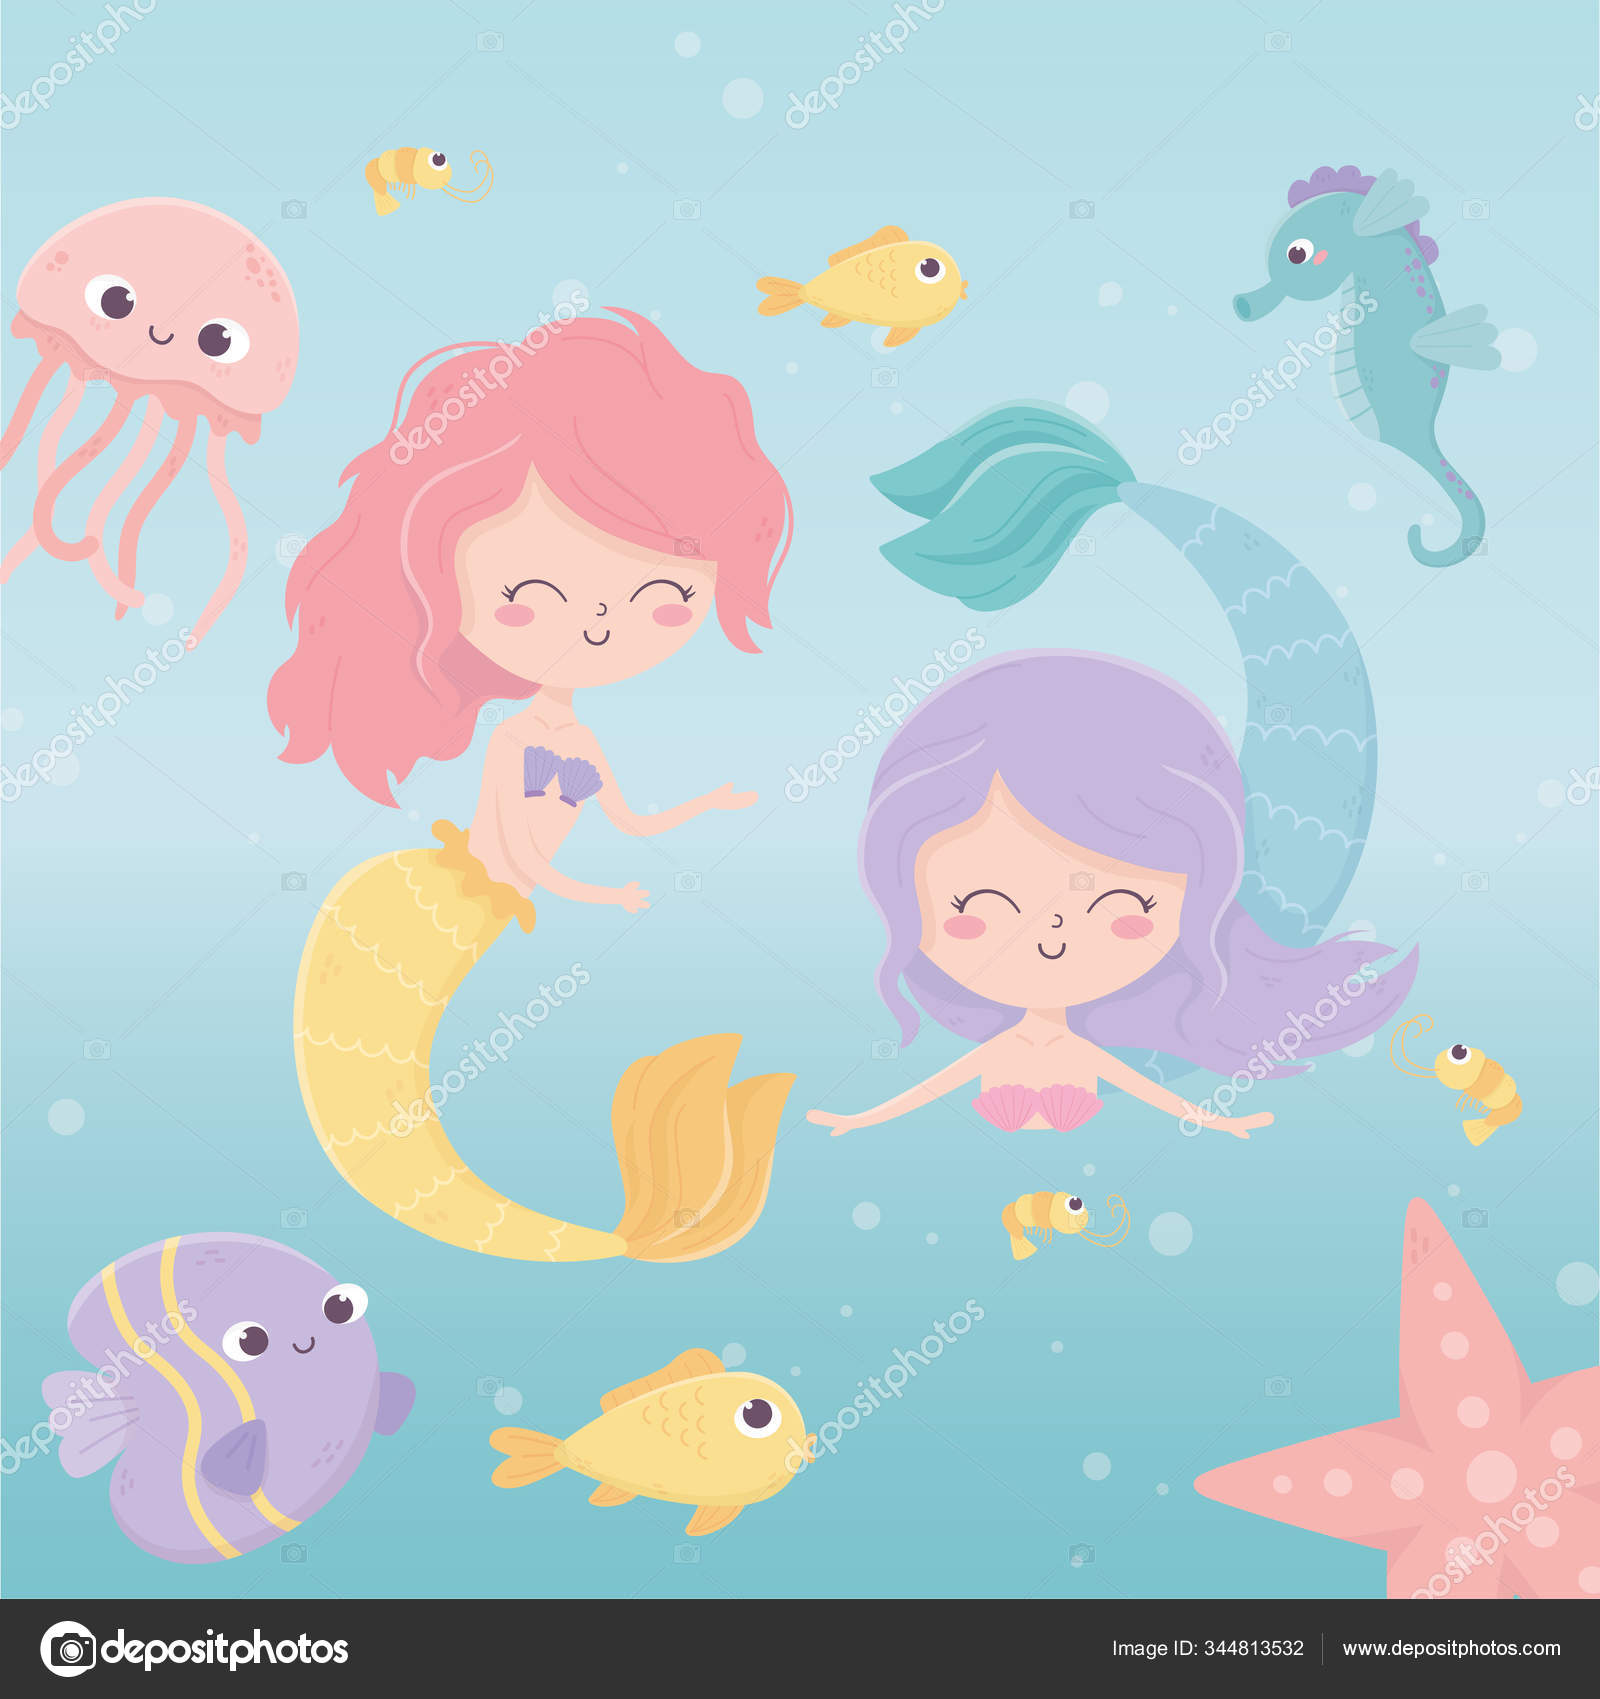 Putri Duyung Ubur Ubur Gurita Bintang Laut Ikan Udang Kartun Di Bawah Laut Stok Vektor C Stockgiu 344813532